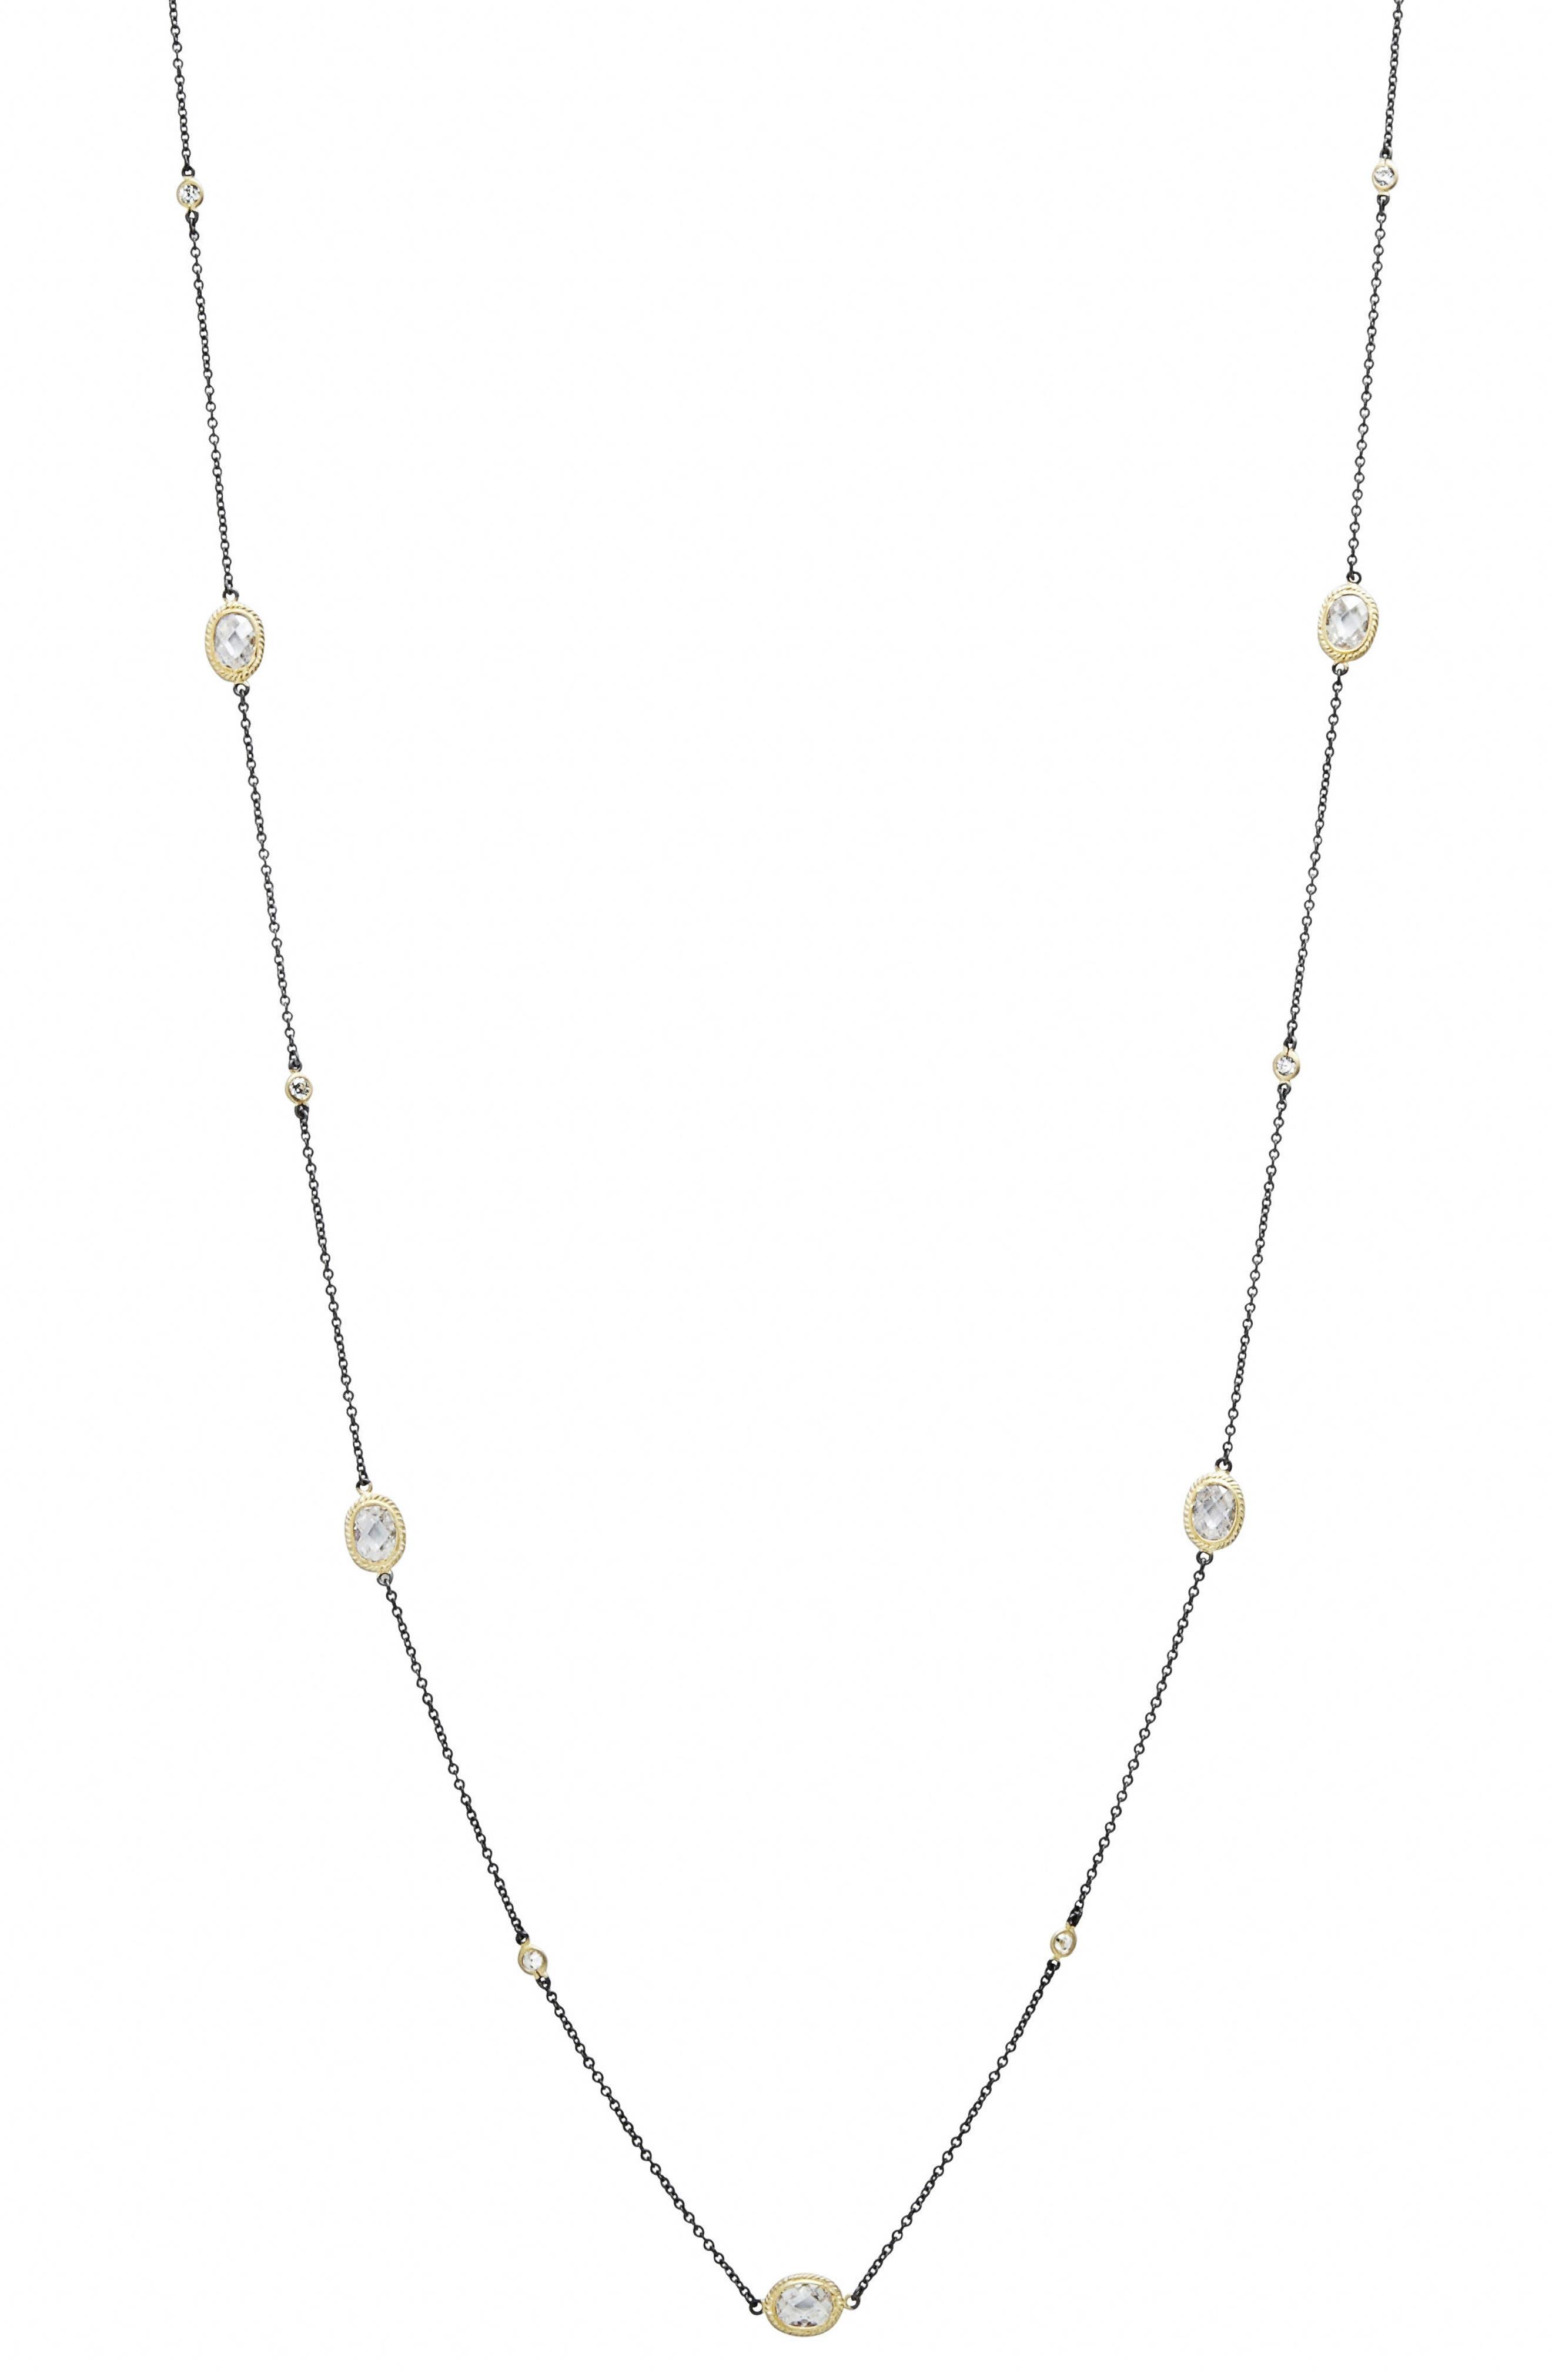 Alternate Image 1 Selected - FREIDA ROTHMAN Signature Radiance Wrap Necklace